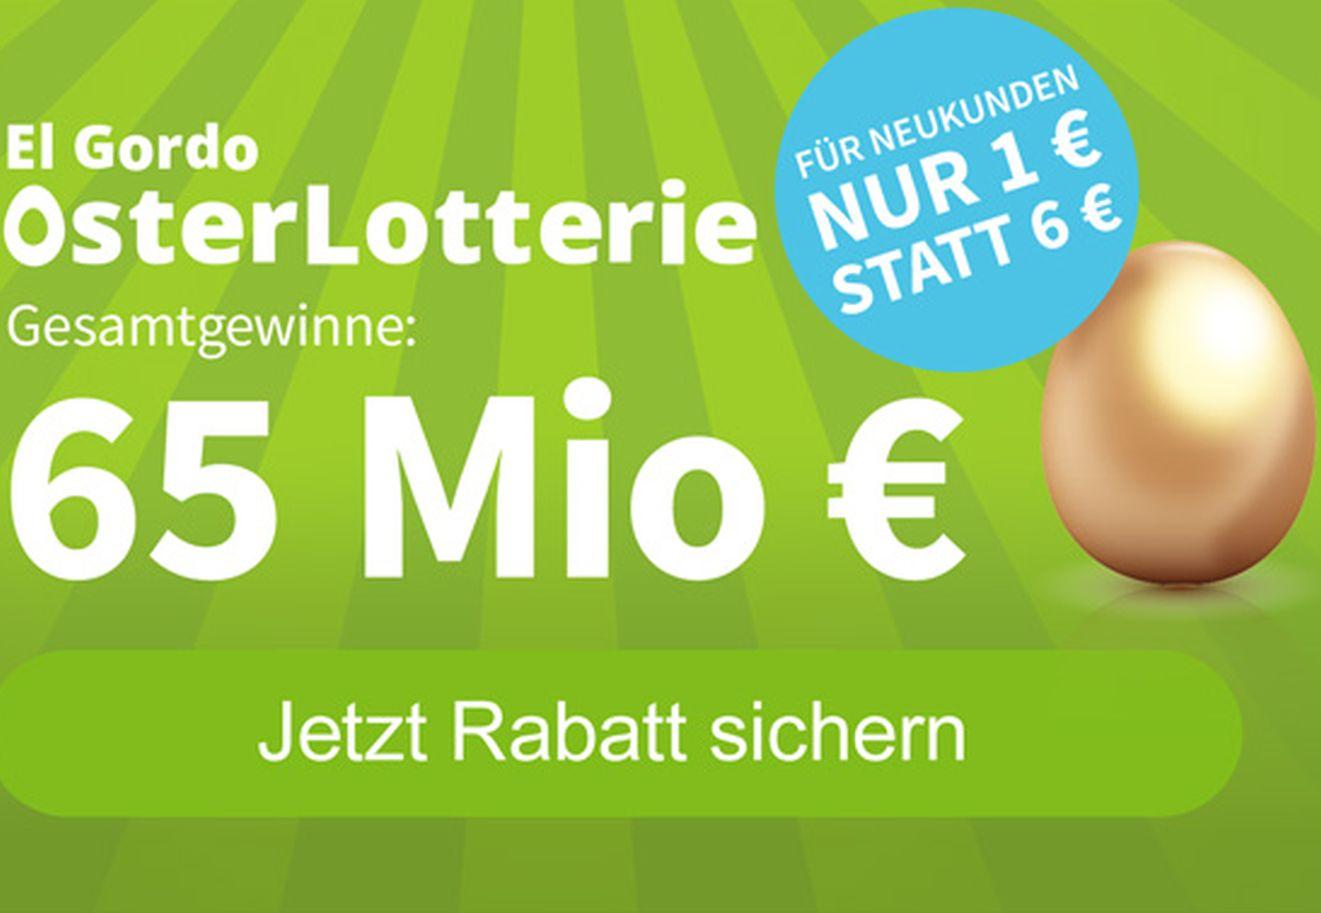 El Gordo: Oster-Lotterie mit Gewinnchance von 1:3 zum Preis von einem Euro